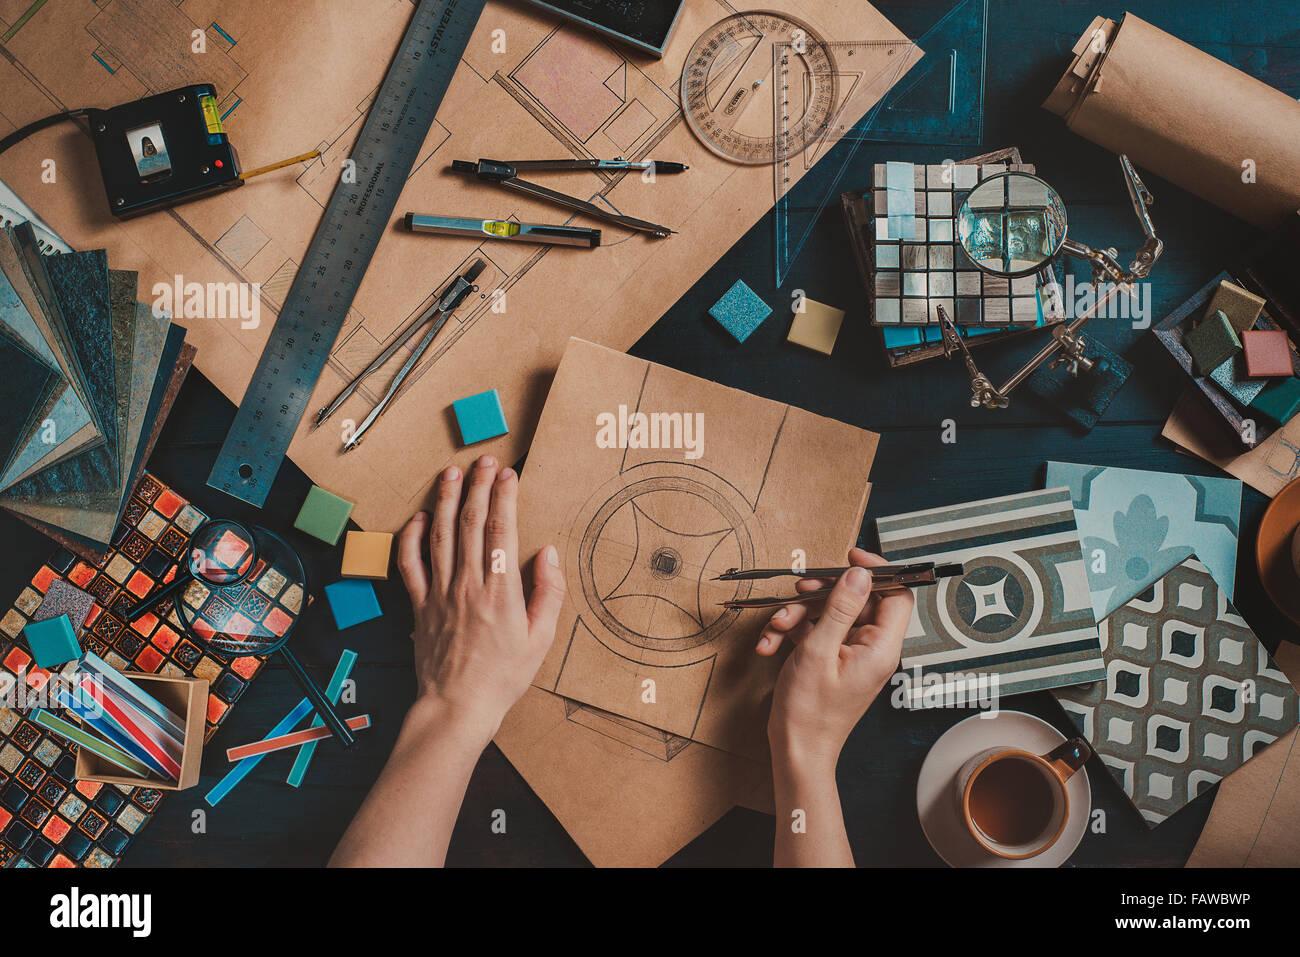 Travail de créateur avec des outils de création et de dessins Photo Stock